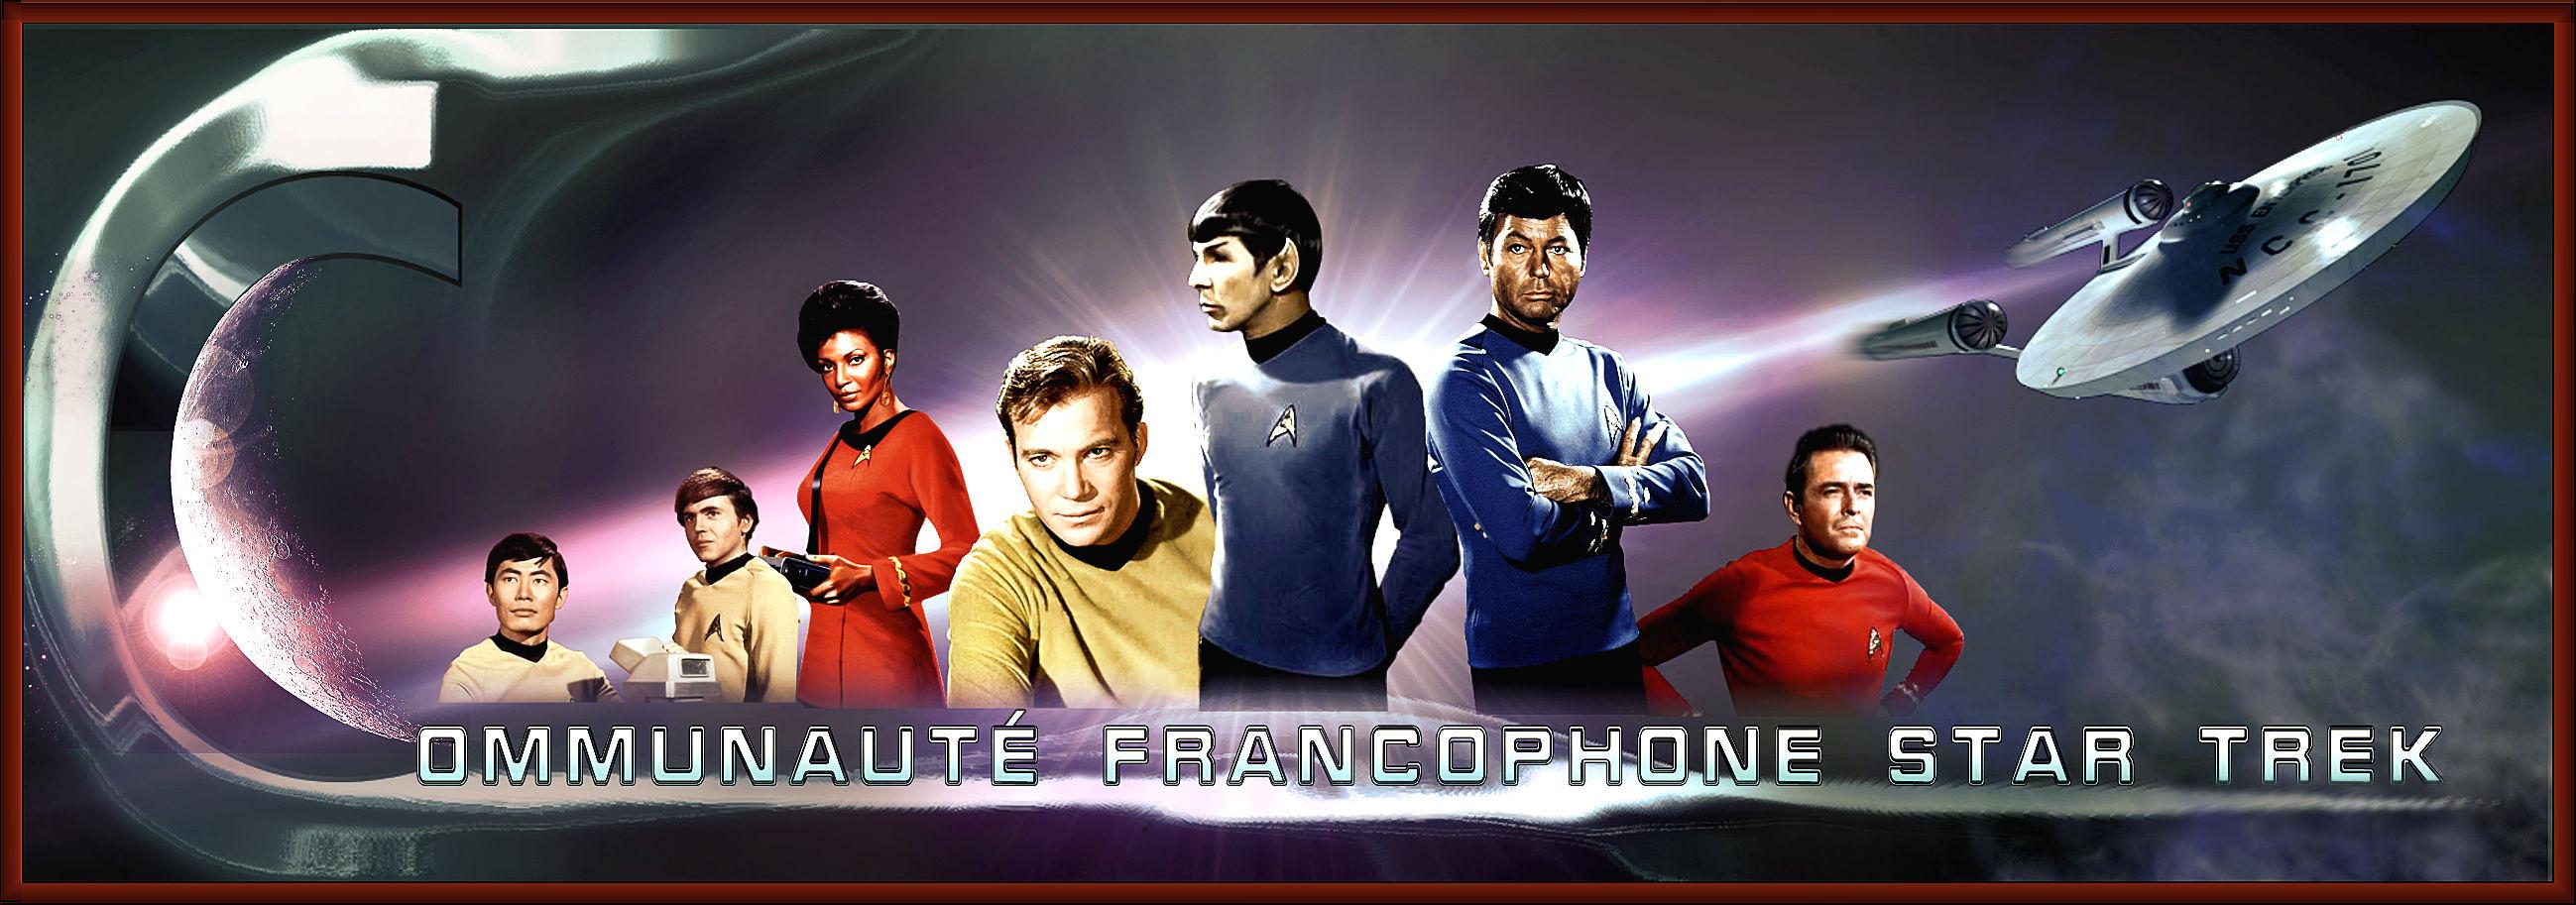 The original Serie